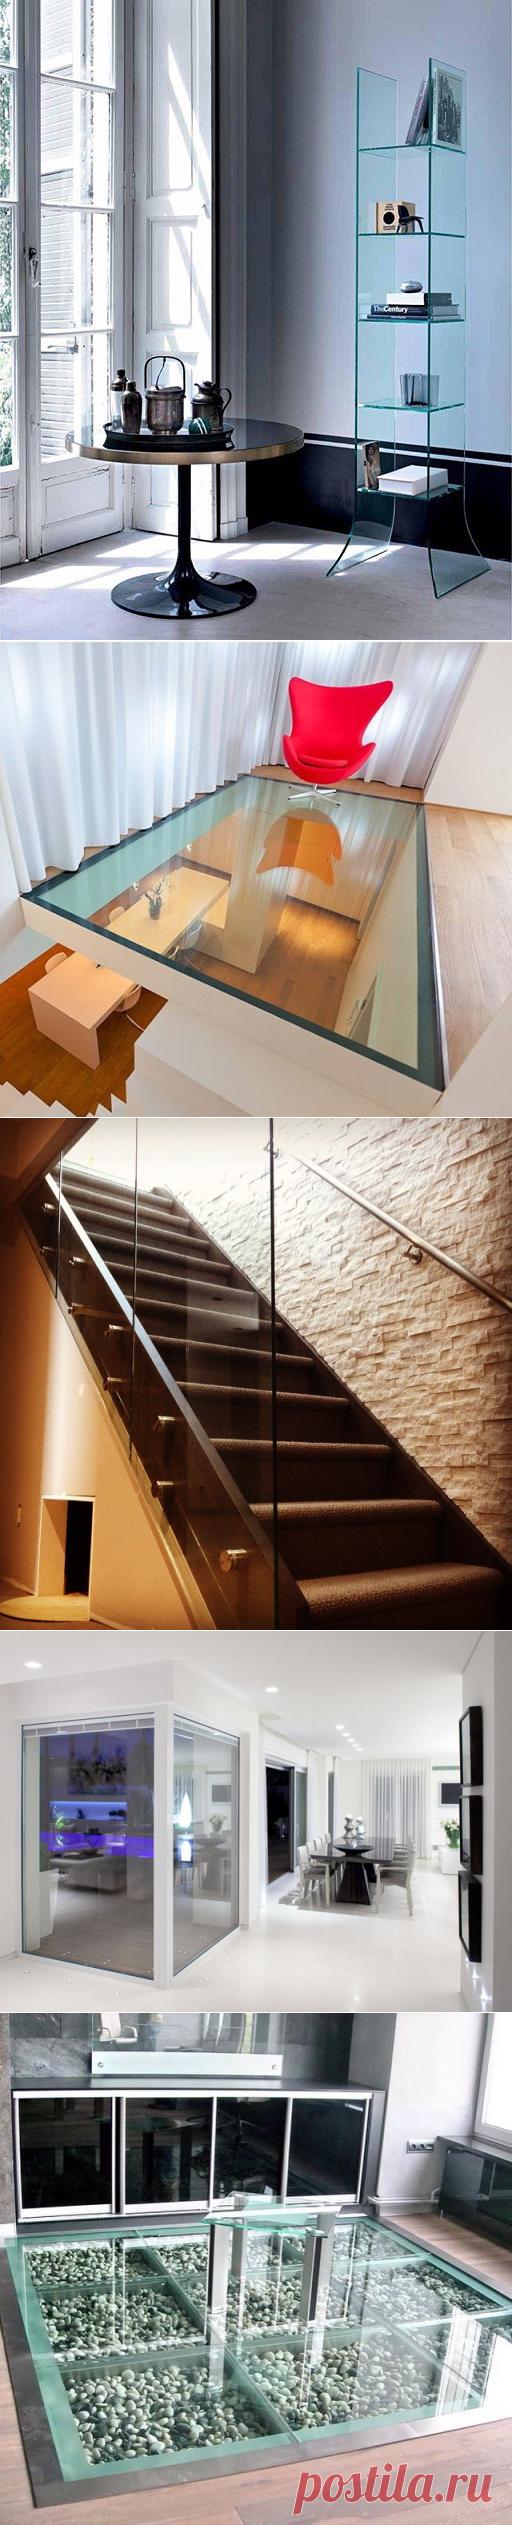 Стеклянные элементы интерьера — Наши дома